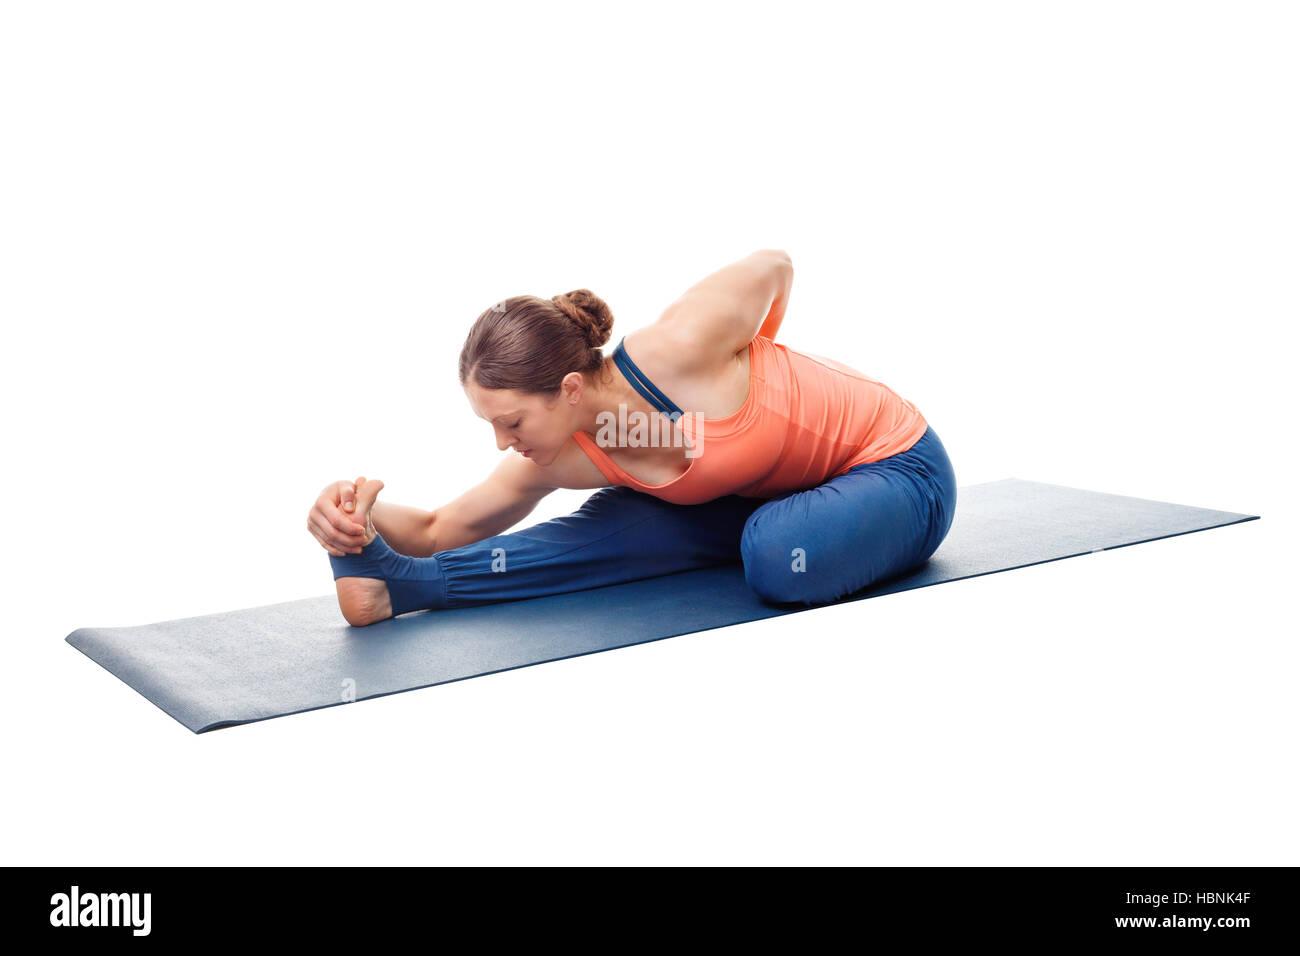 Woman Doing Ashtanga Vinyasa Yoga Asana Stock Photo 127709807 Alamy